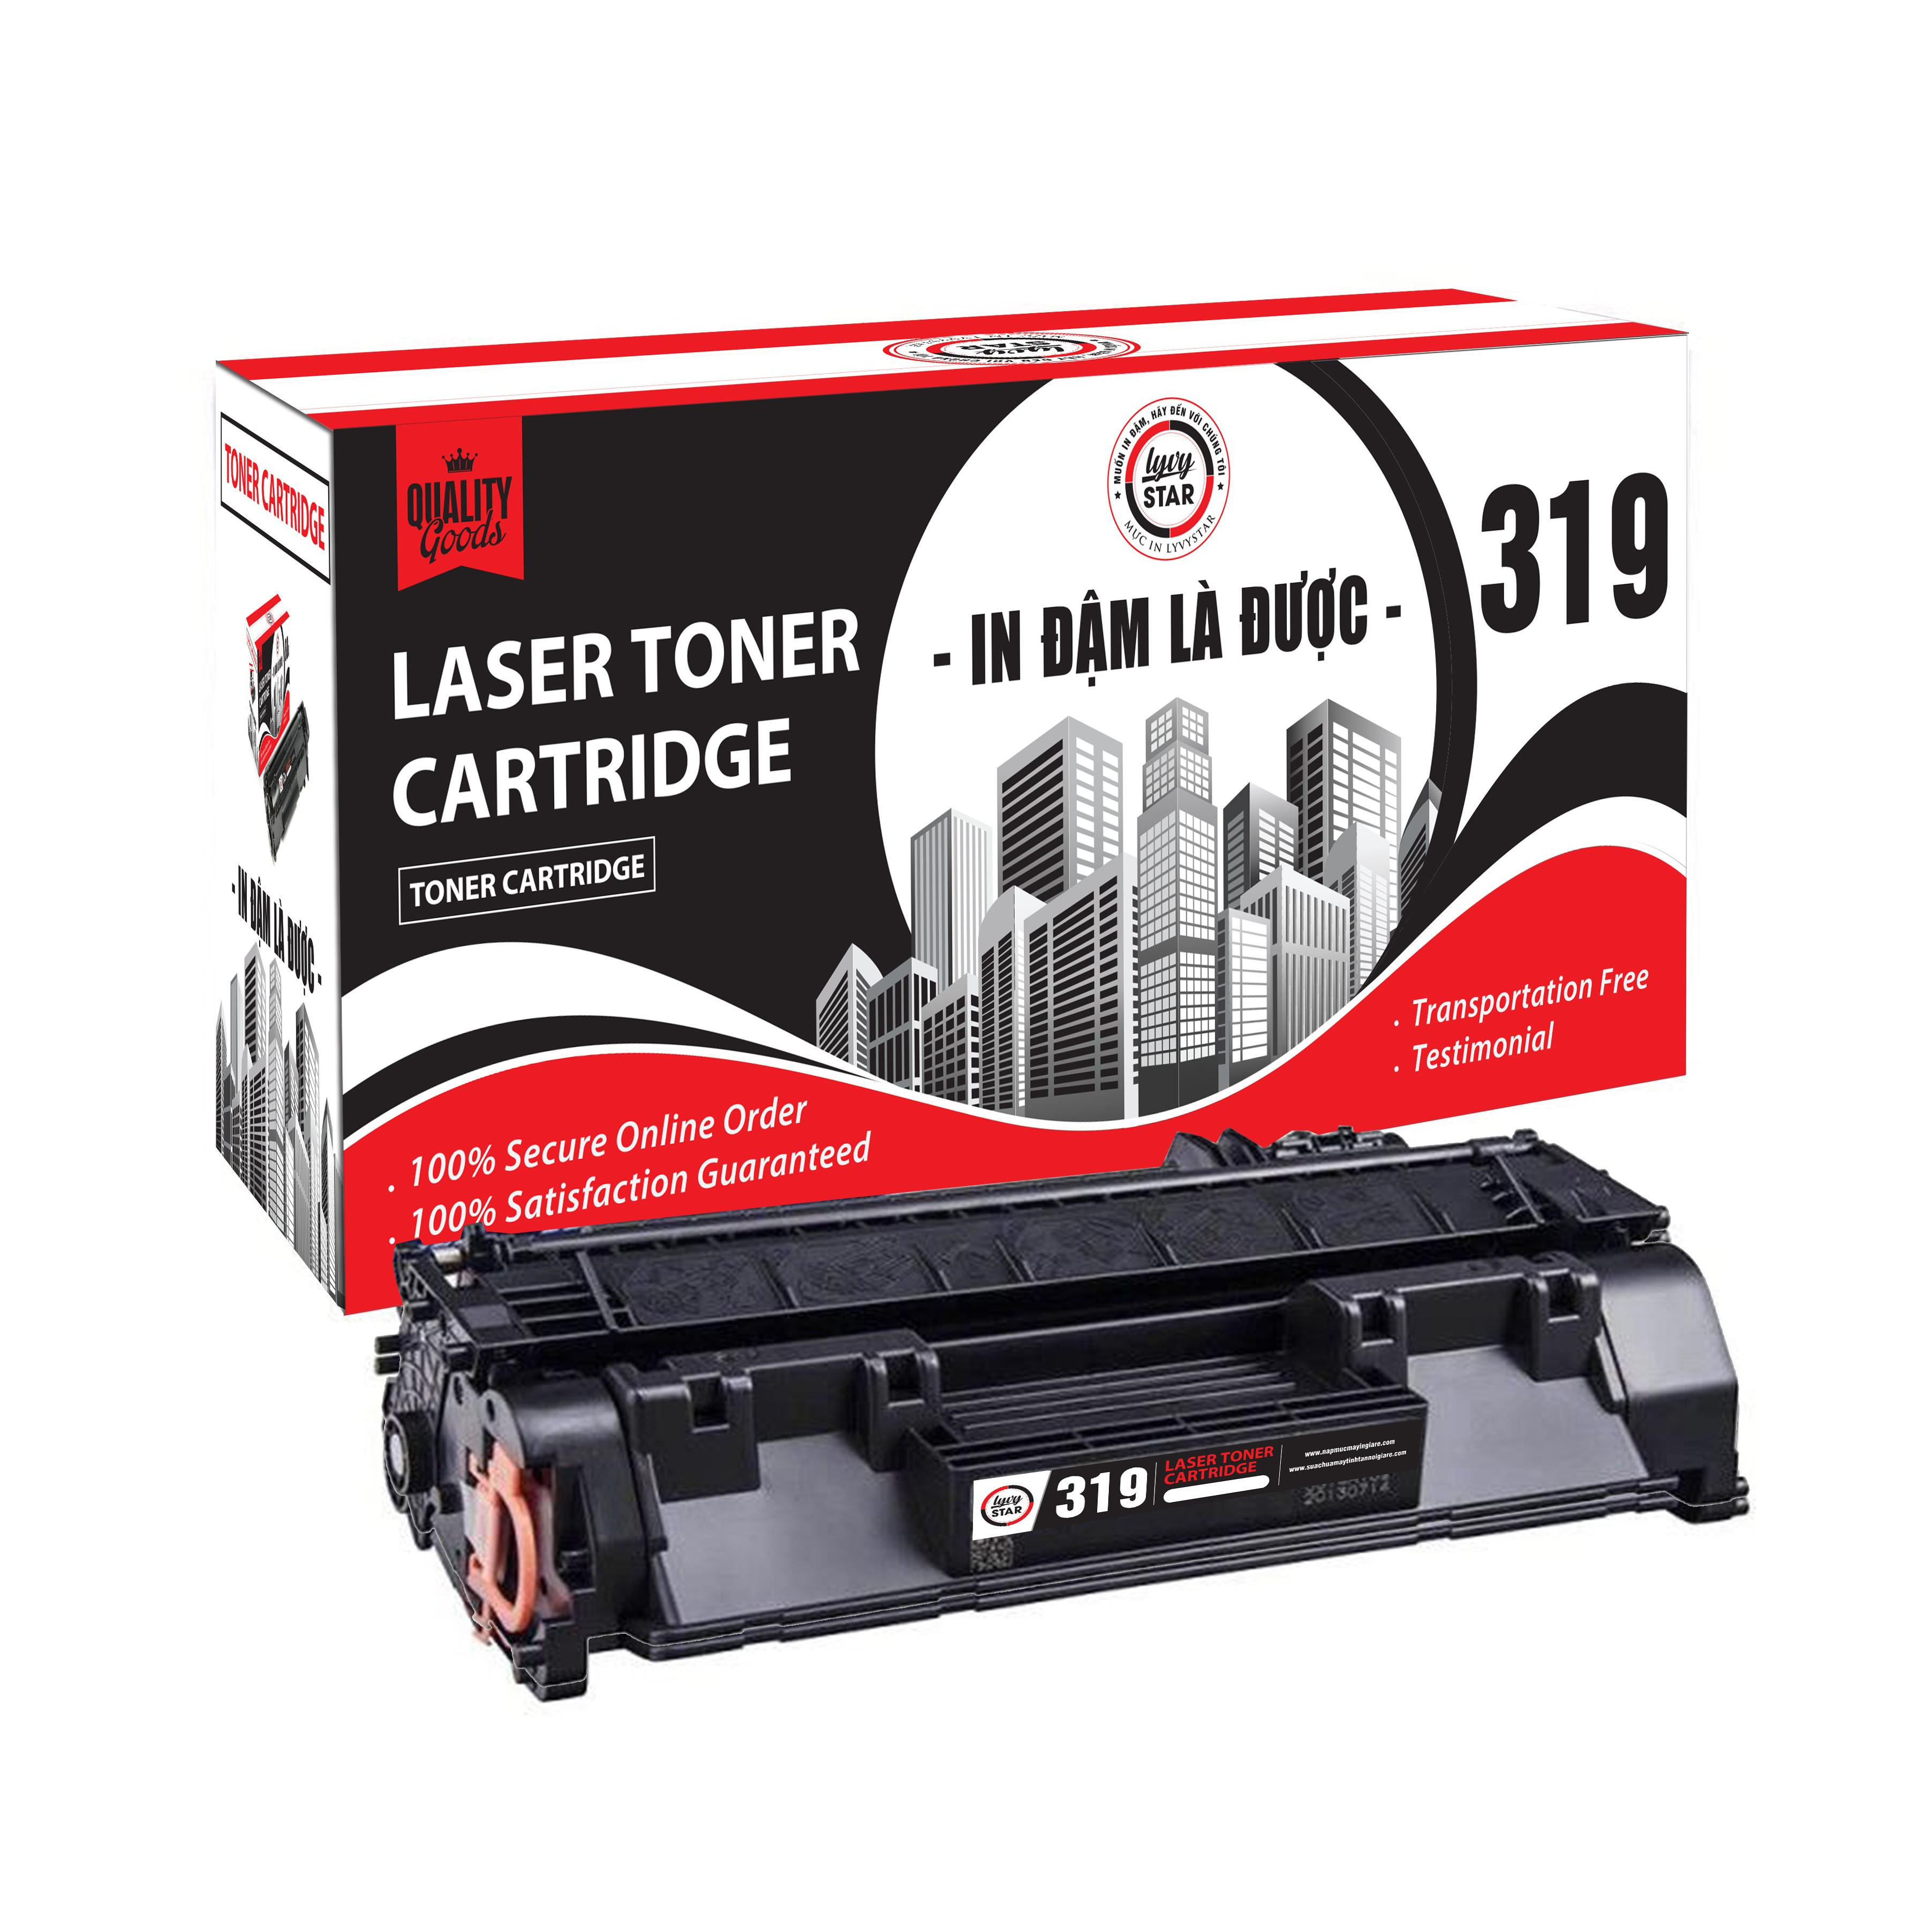 Mực in Lyvystar Laser 319 dùng cho máy in Canon - Hàng Chính Hãng